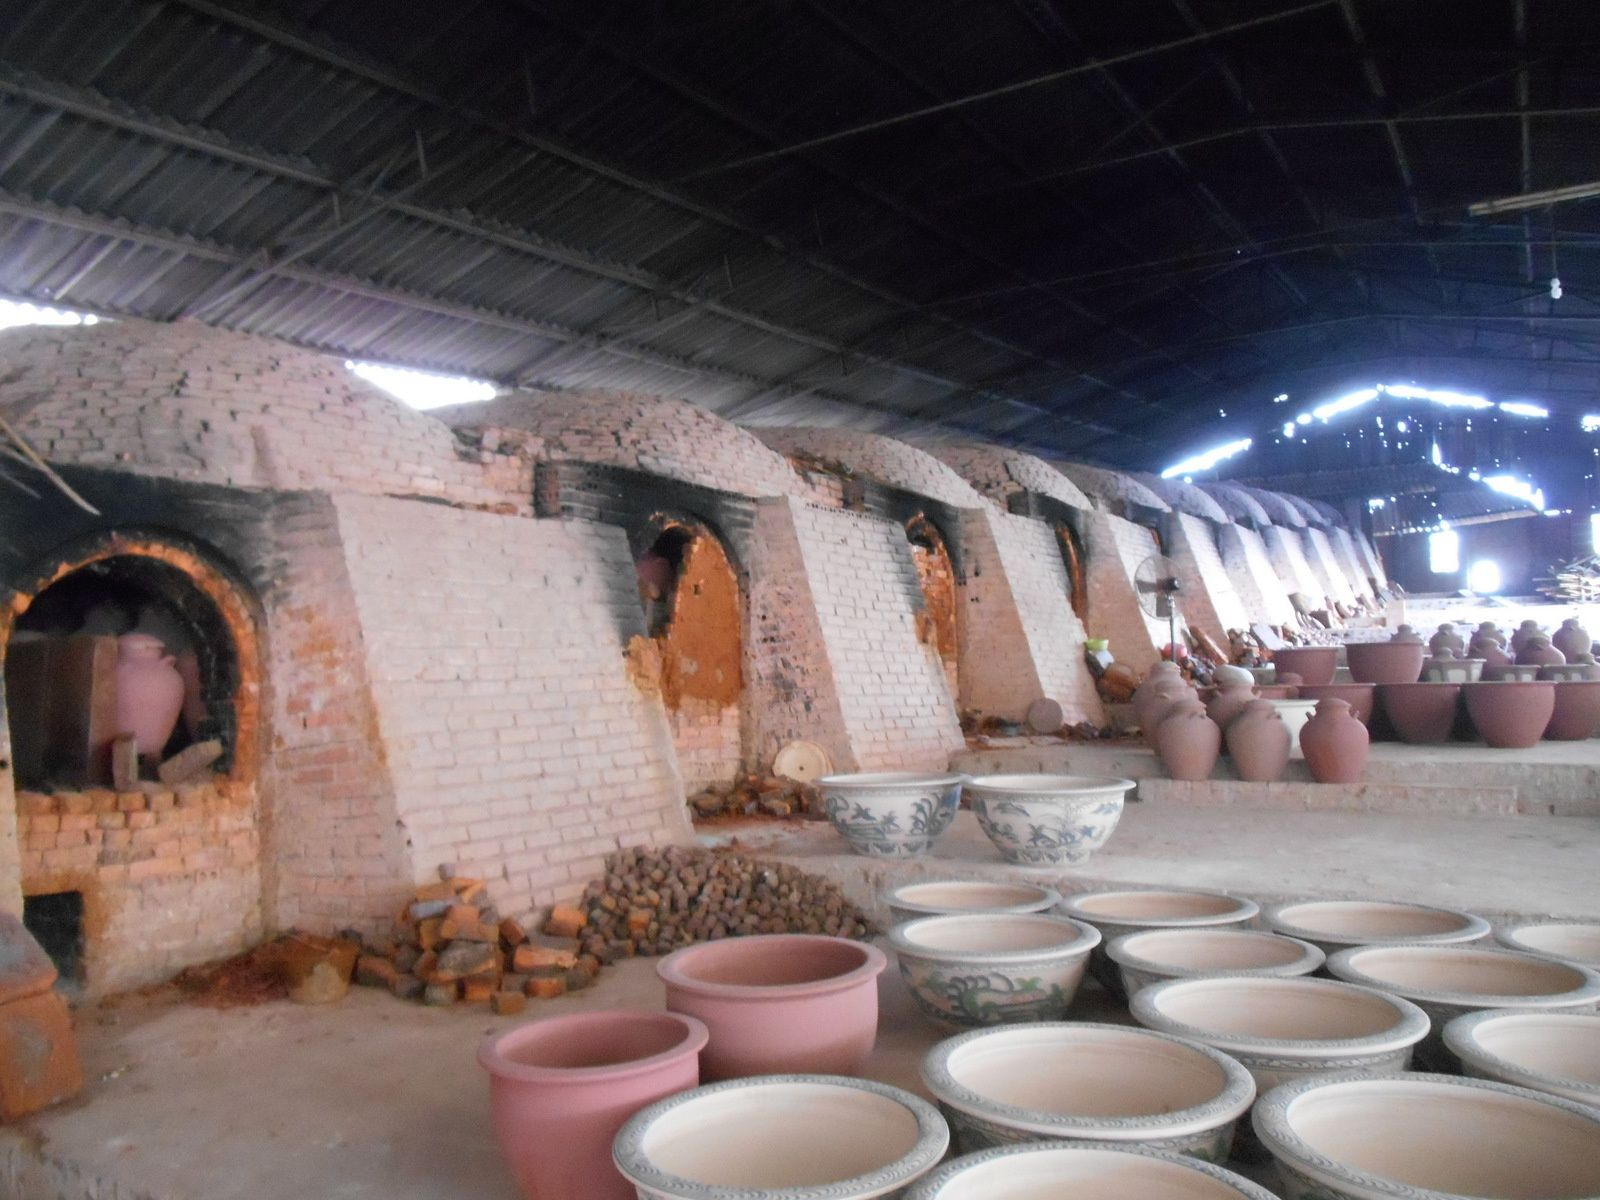 Ensuite, les poteries cuisent dans ces grands fours durant un mois.